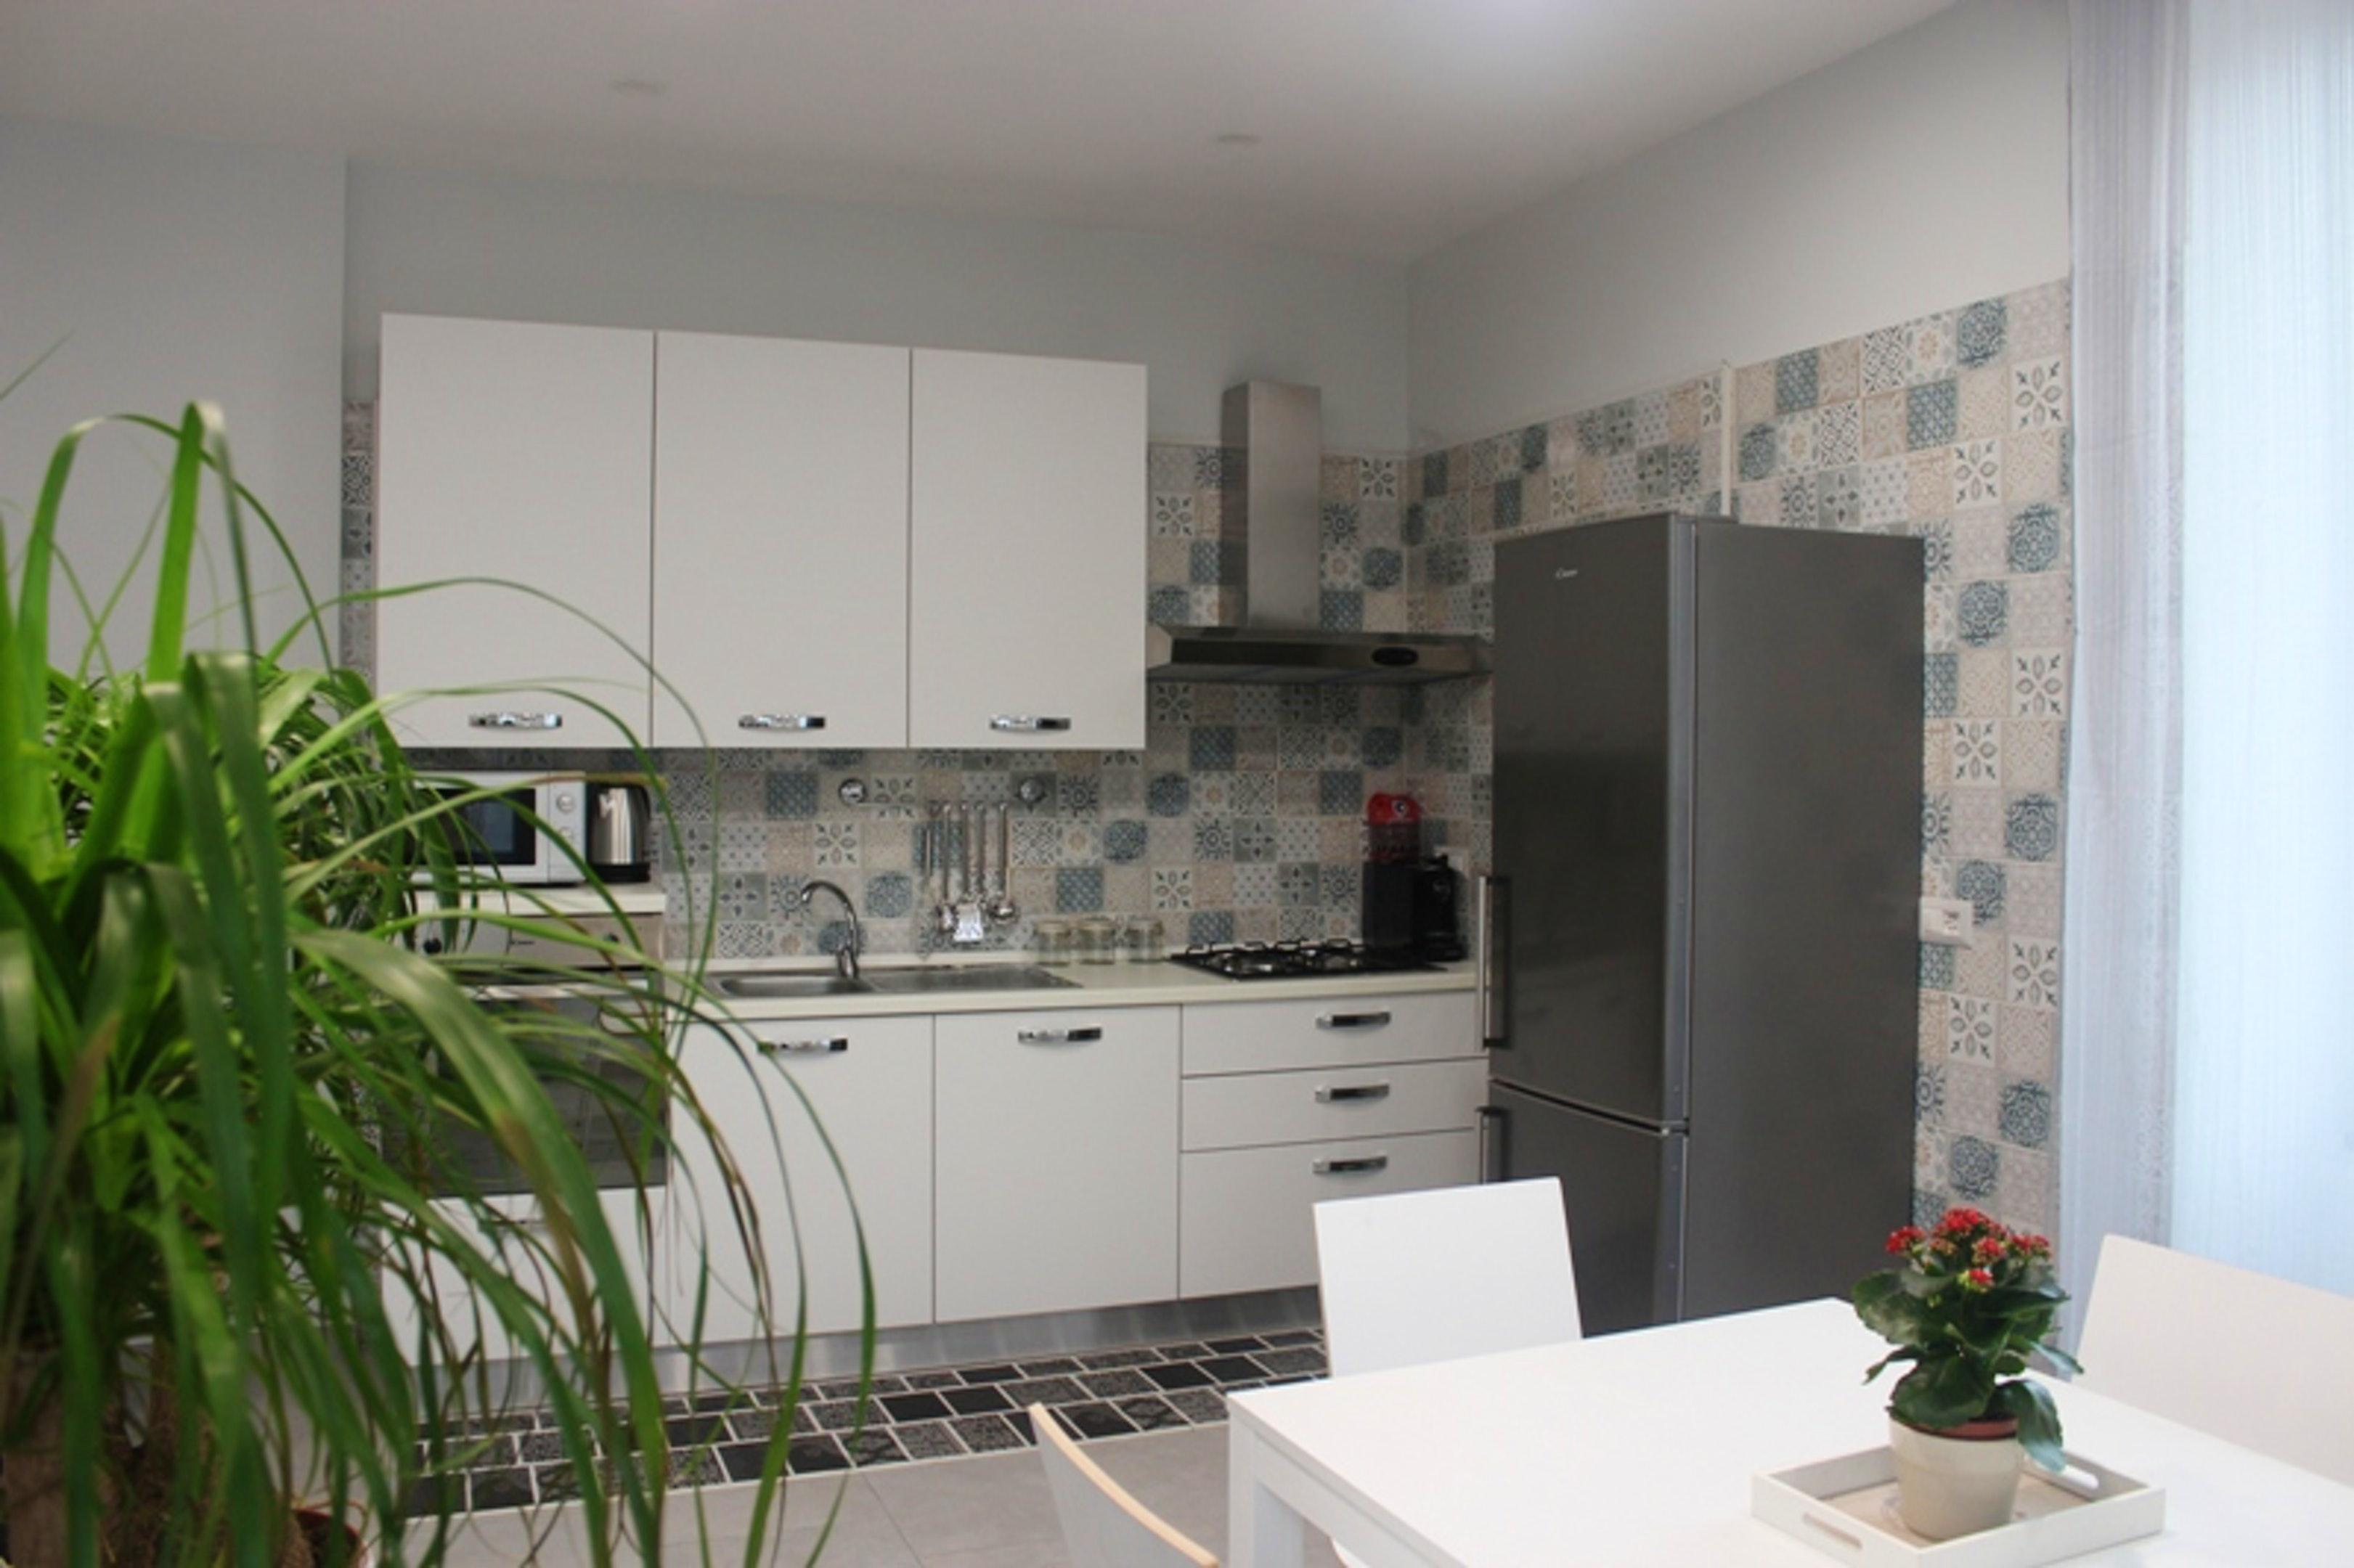 Ferienwohnung Wohnung mit einem Schlafzimmer in Sant'Agnello mit schöner Aussicht auf die Stadt, möblier (2791793), Sant'Agnello, Amalfiküste, Kampanien, Italien, Bild 9